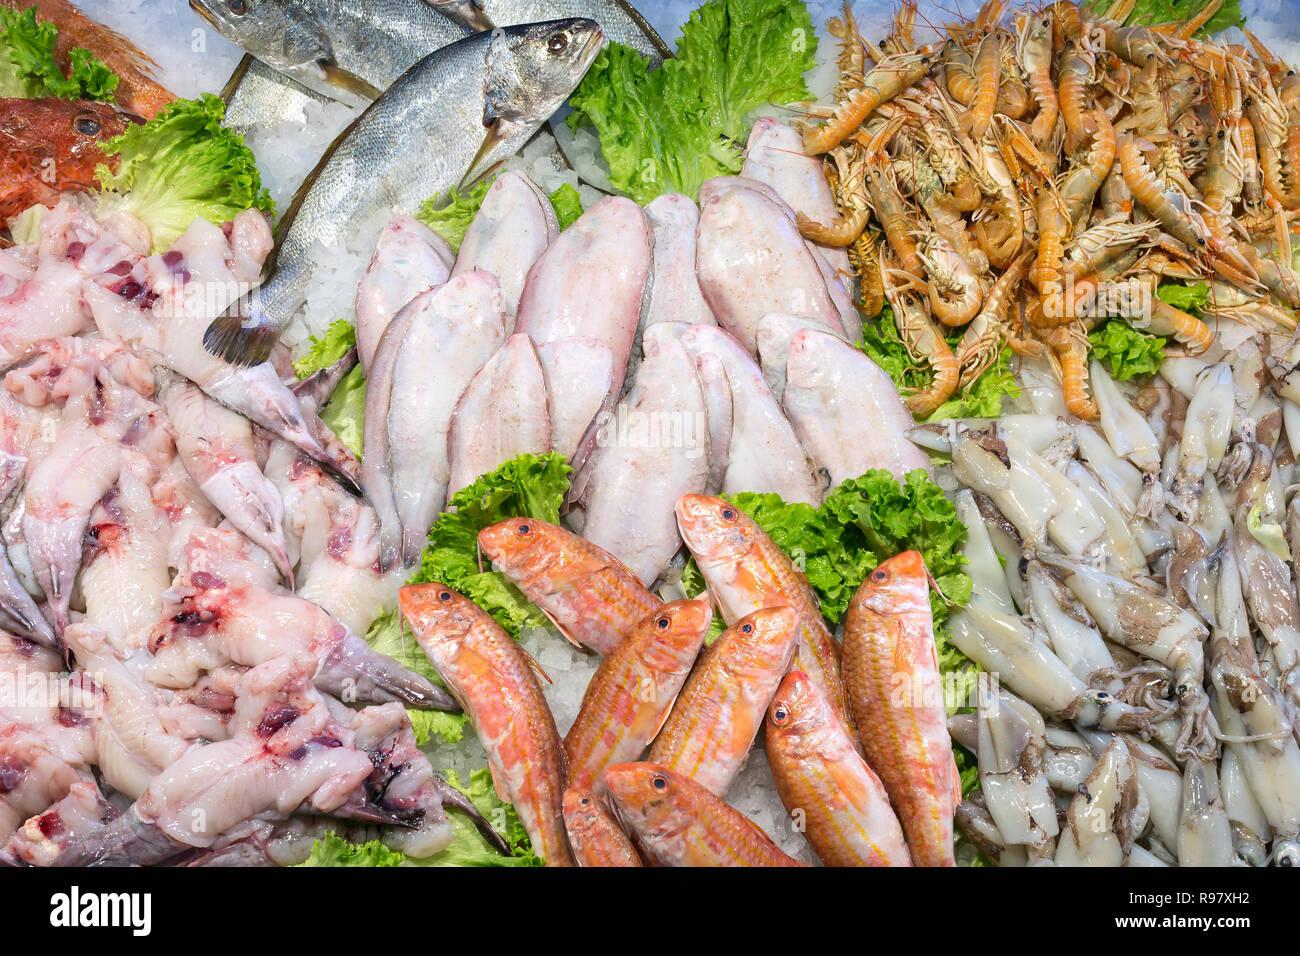 Le marché aux poissons du Rialto à Venise, Italie. Vue de dessus de fruits de mer frais sur la glace. Banque D'Images